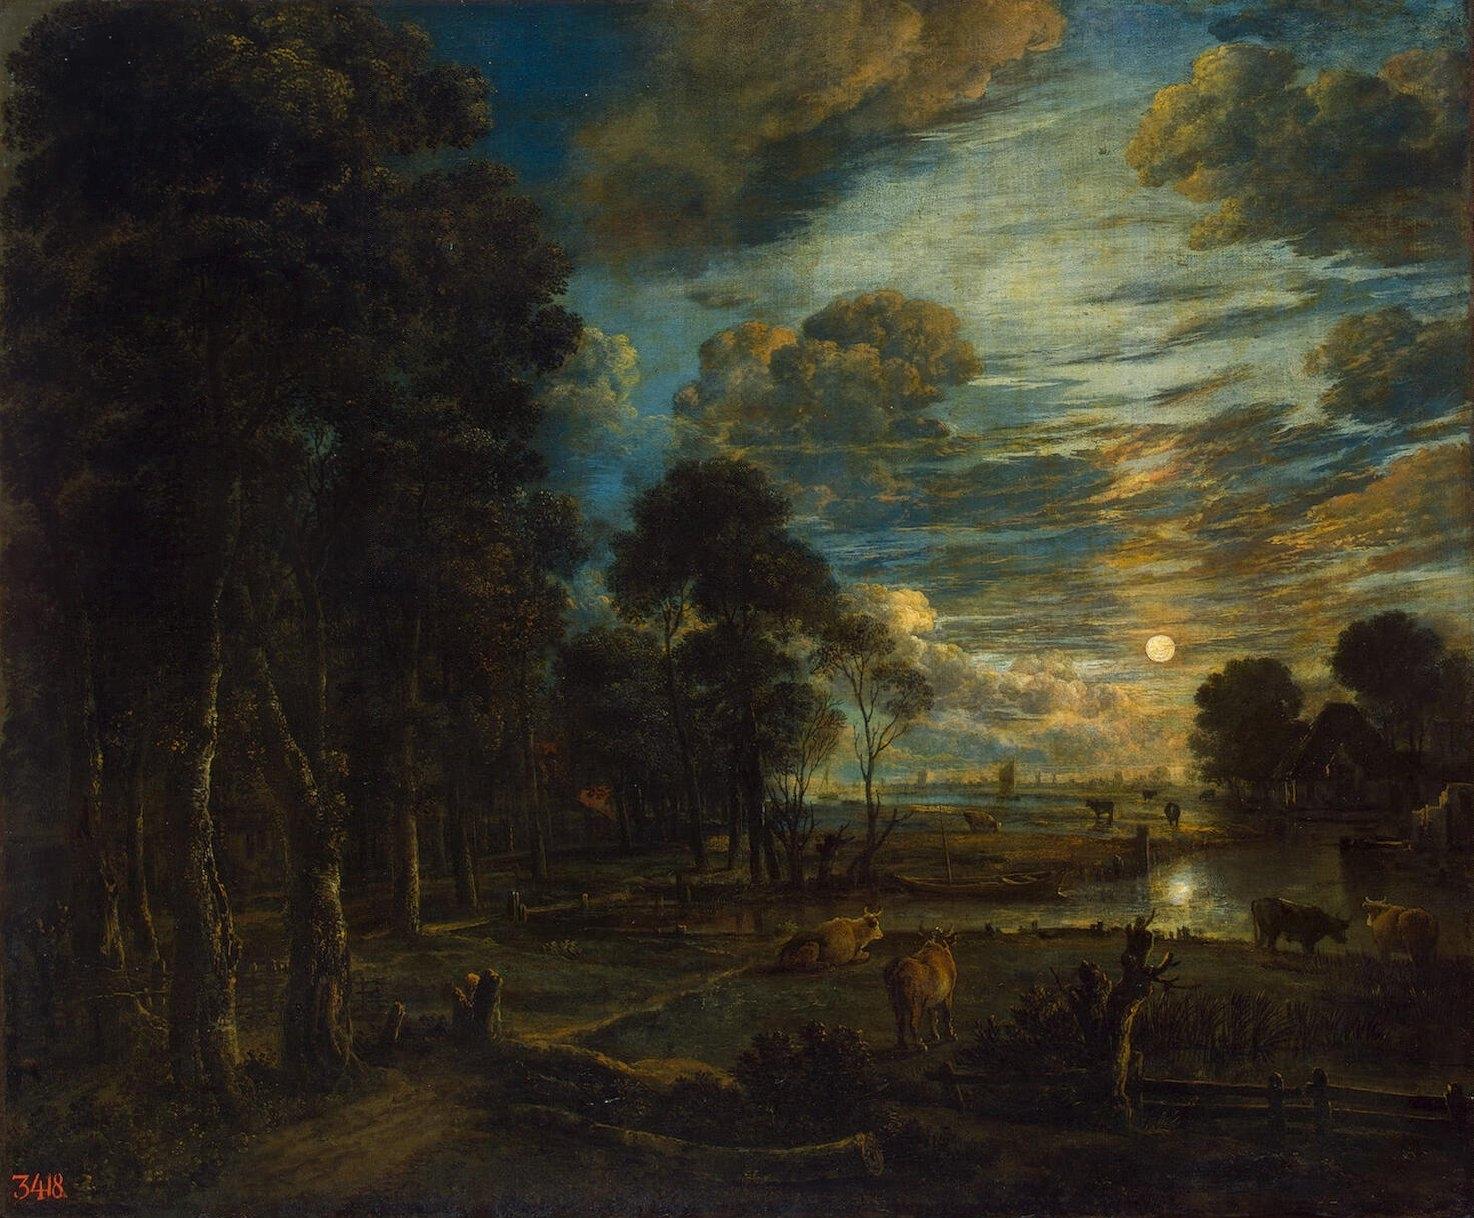 Aert van der Neer, Nachtlandschaft mit Fluss, ca. 1650